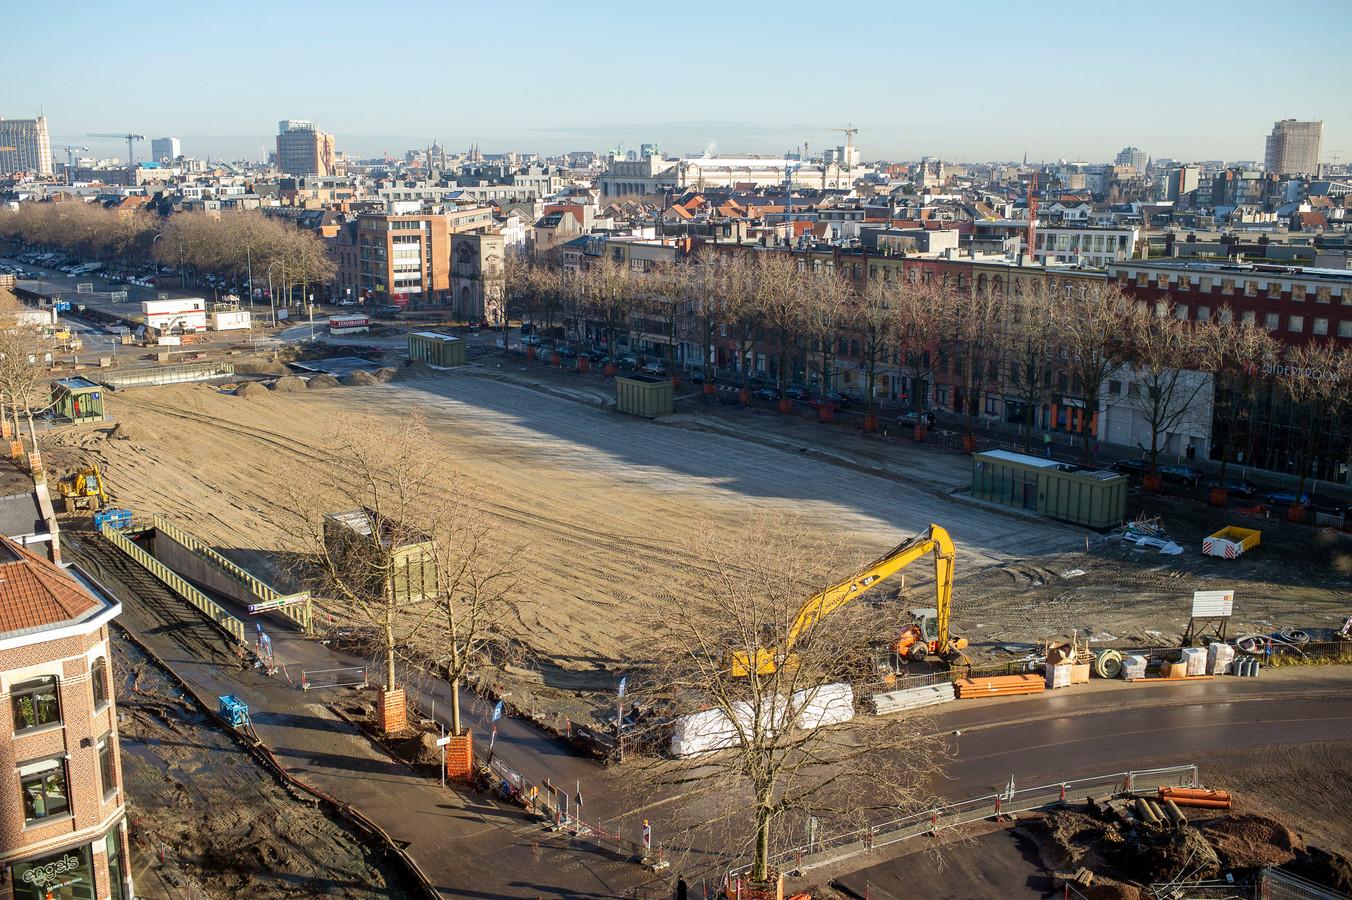 Buurtbewoners maakten zich zorgen om de manier waarop het park wordt aangelegd. Een nieuwe studie toont nu aan dat alles volgens het boekje verloopt.